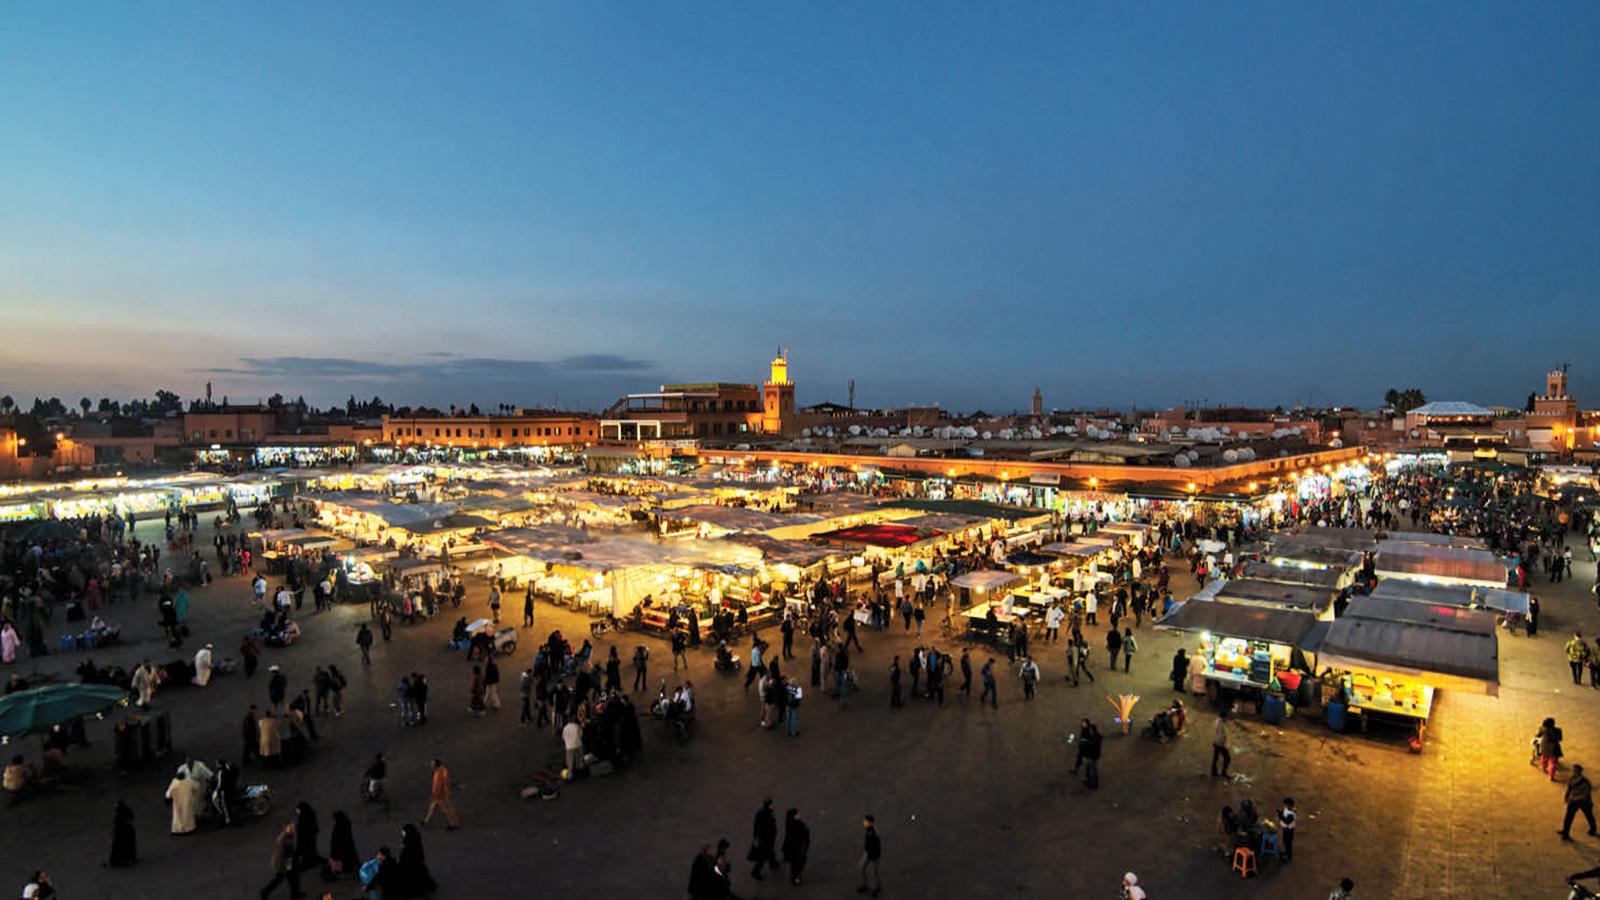 Marokko Express Erlebnisreise Reise für junge Leute Gruppenreise traveljunkie